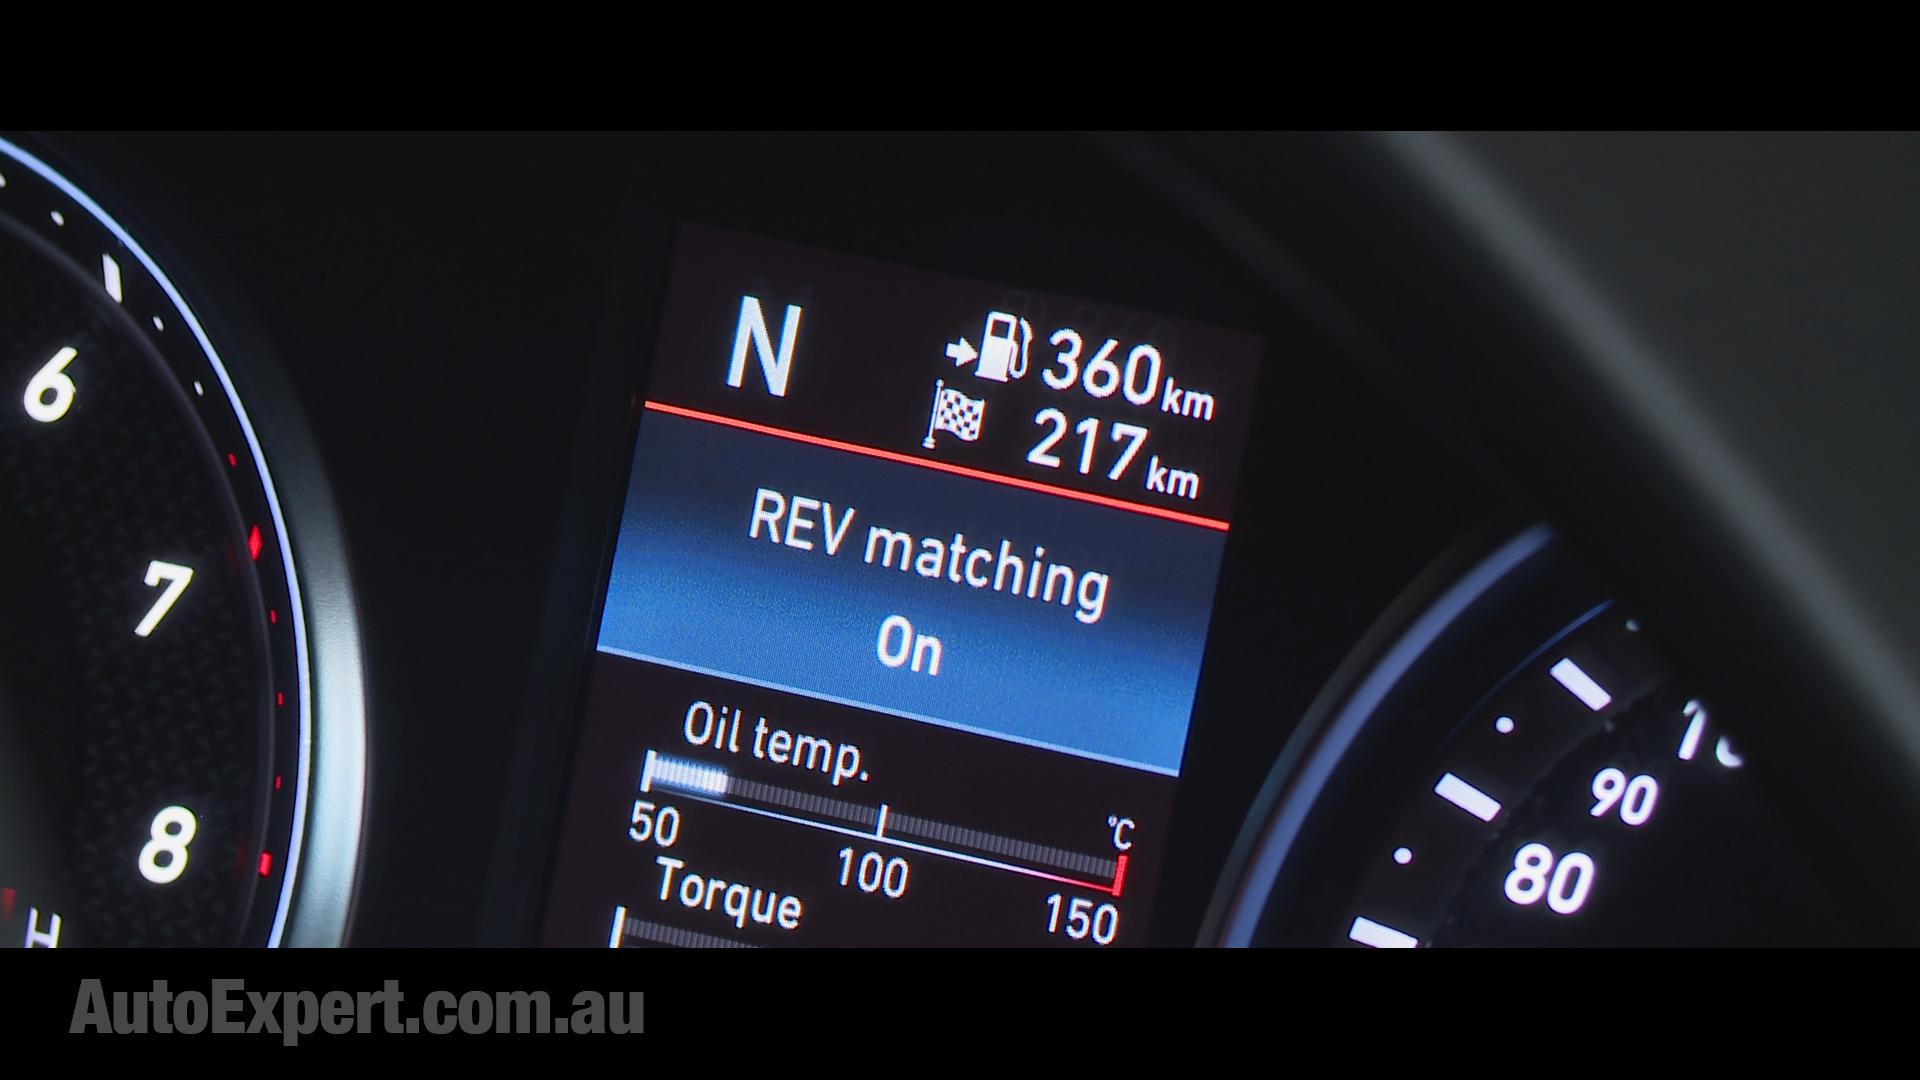 Rev-matching mode